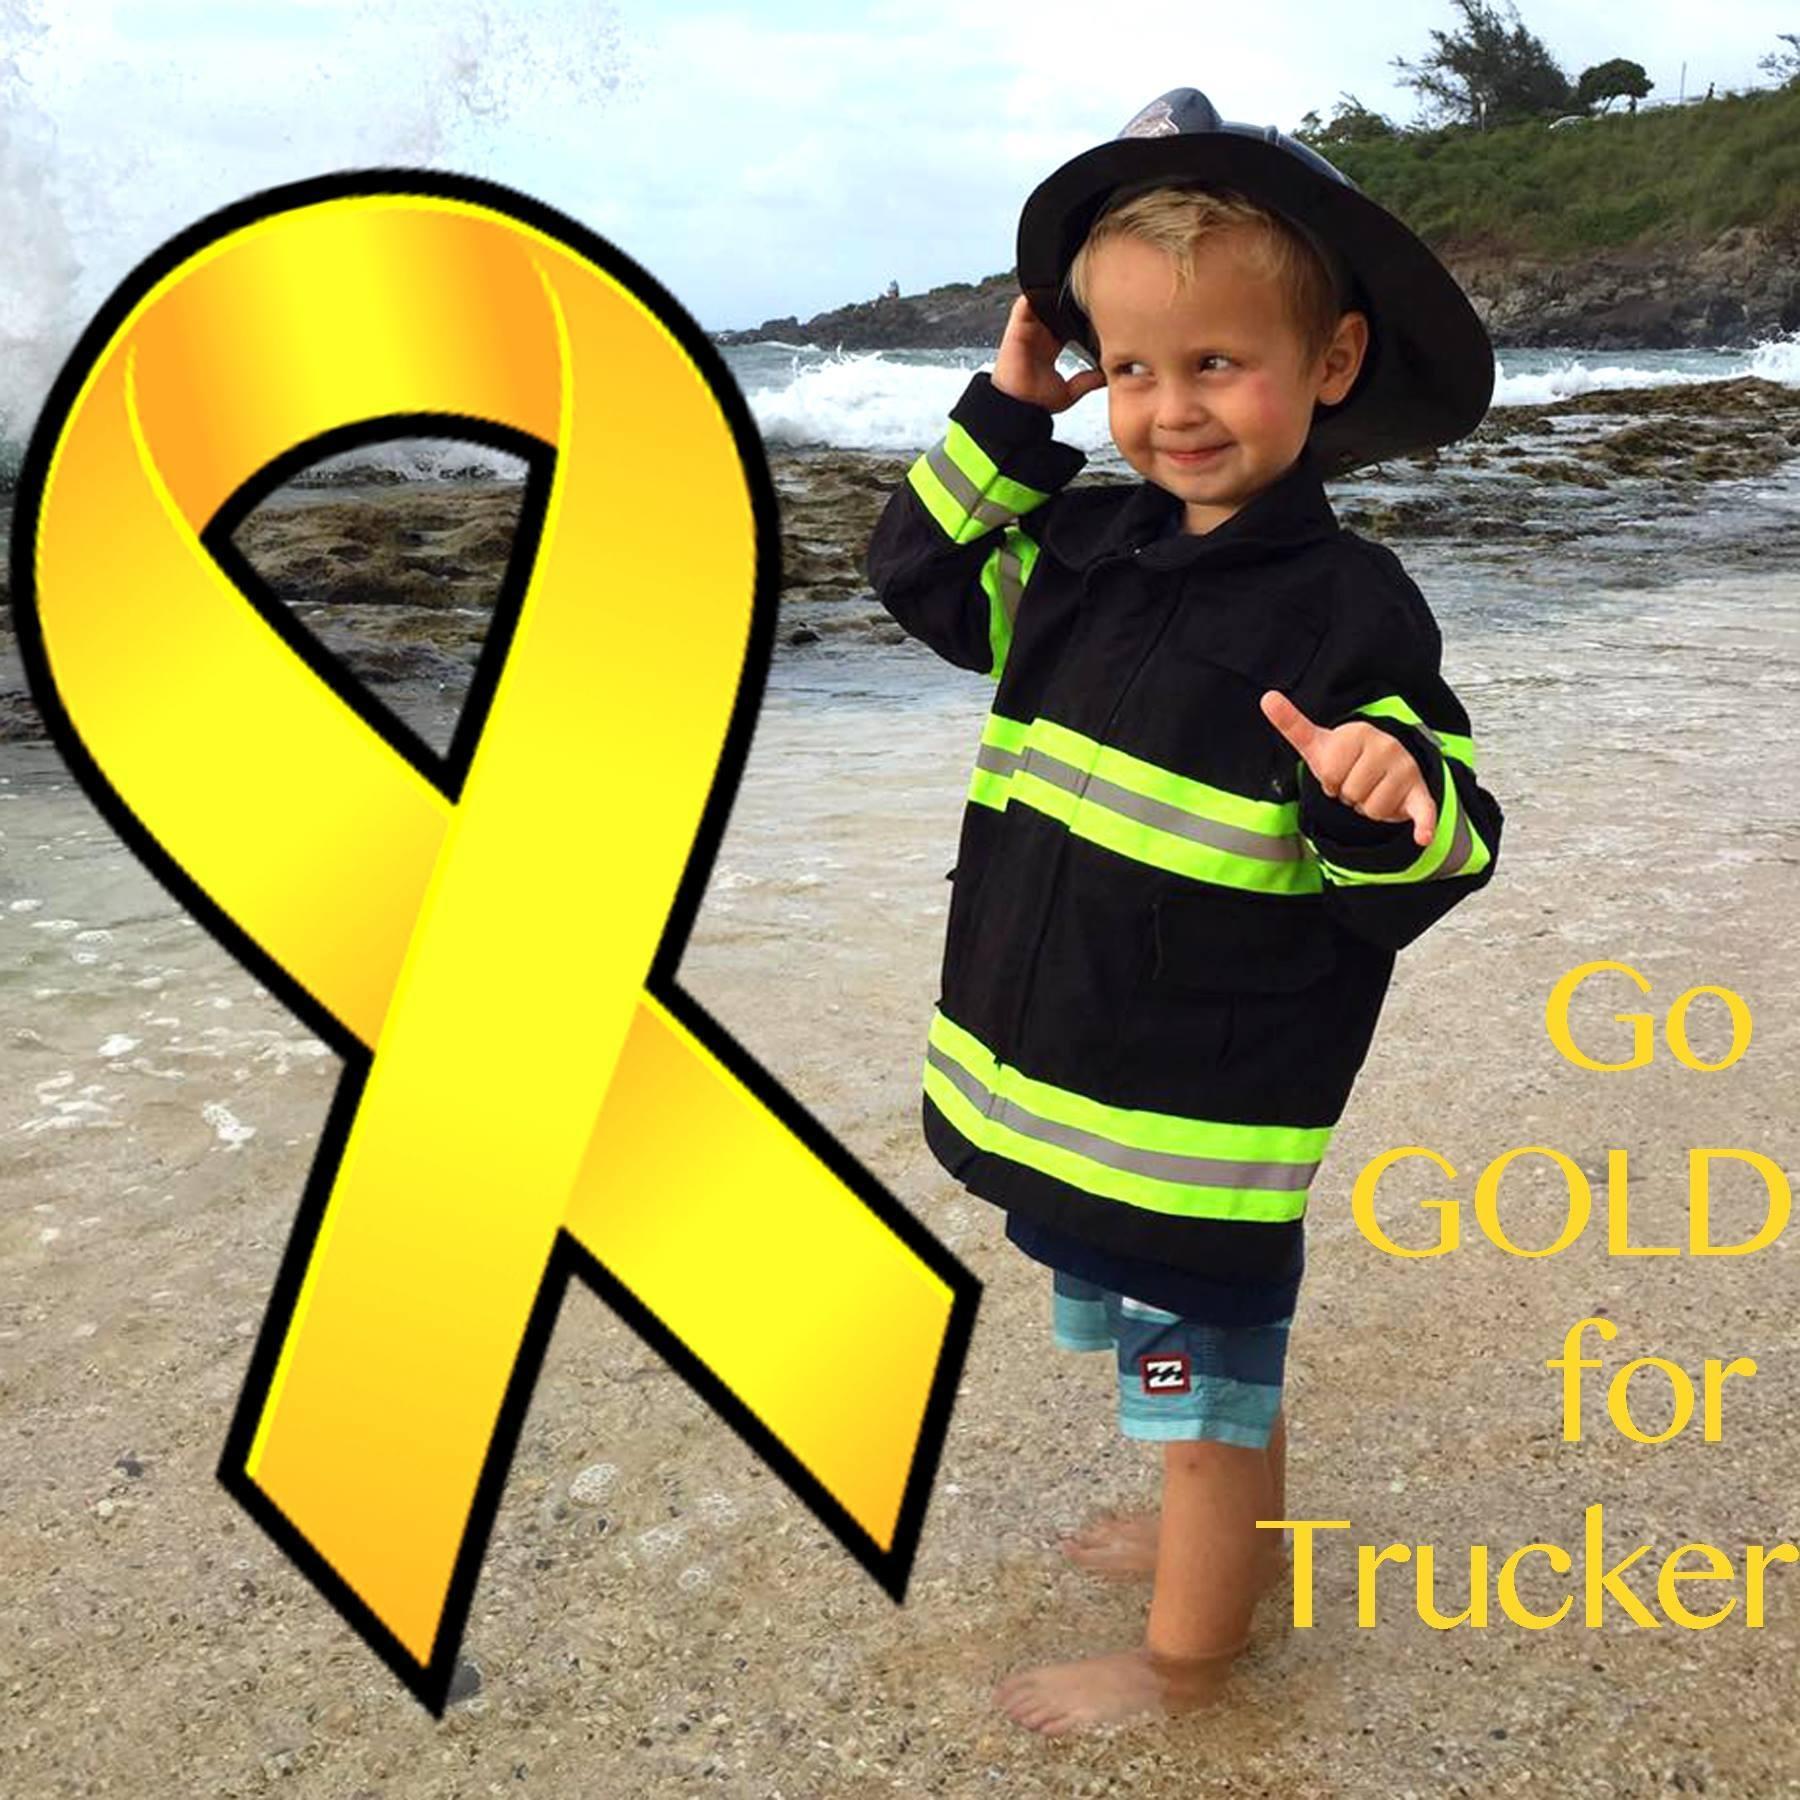 help-trucker-dukes-mana-foods-donations